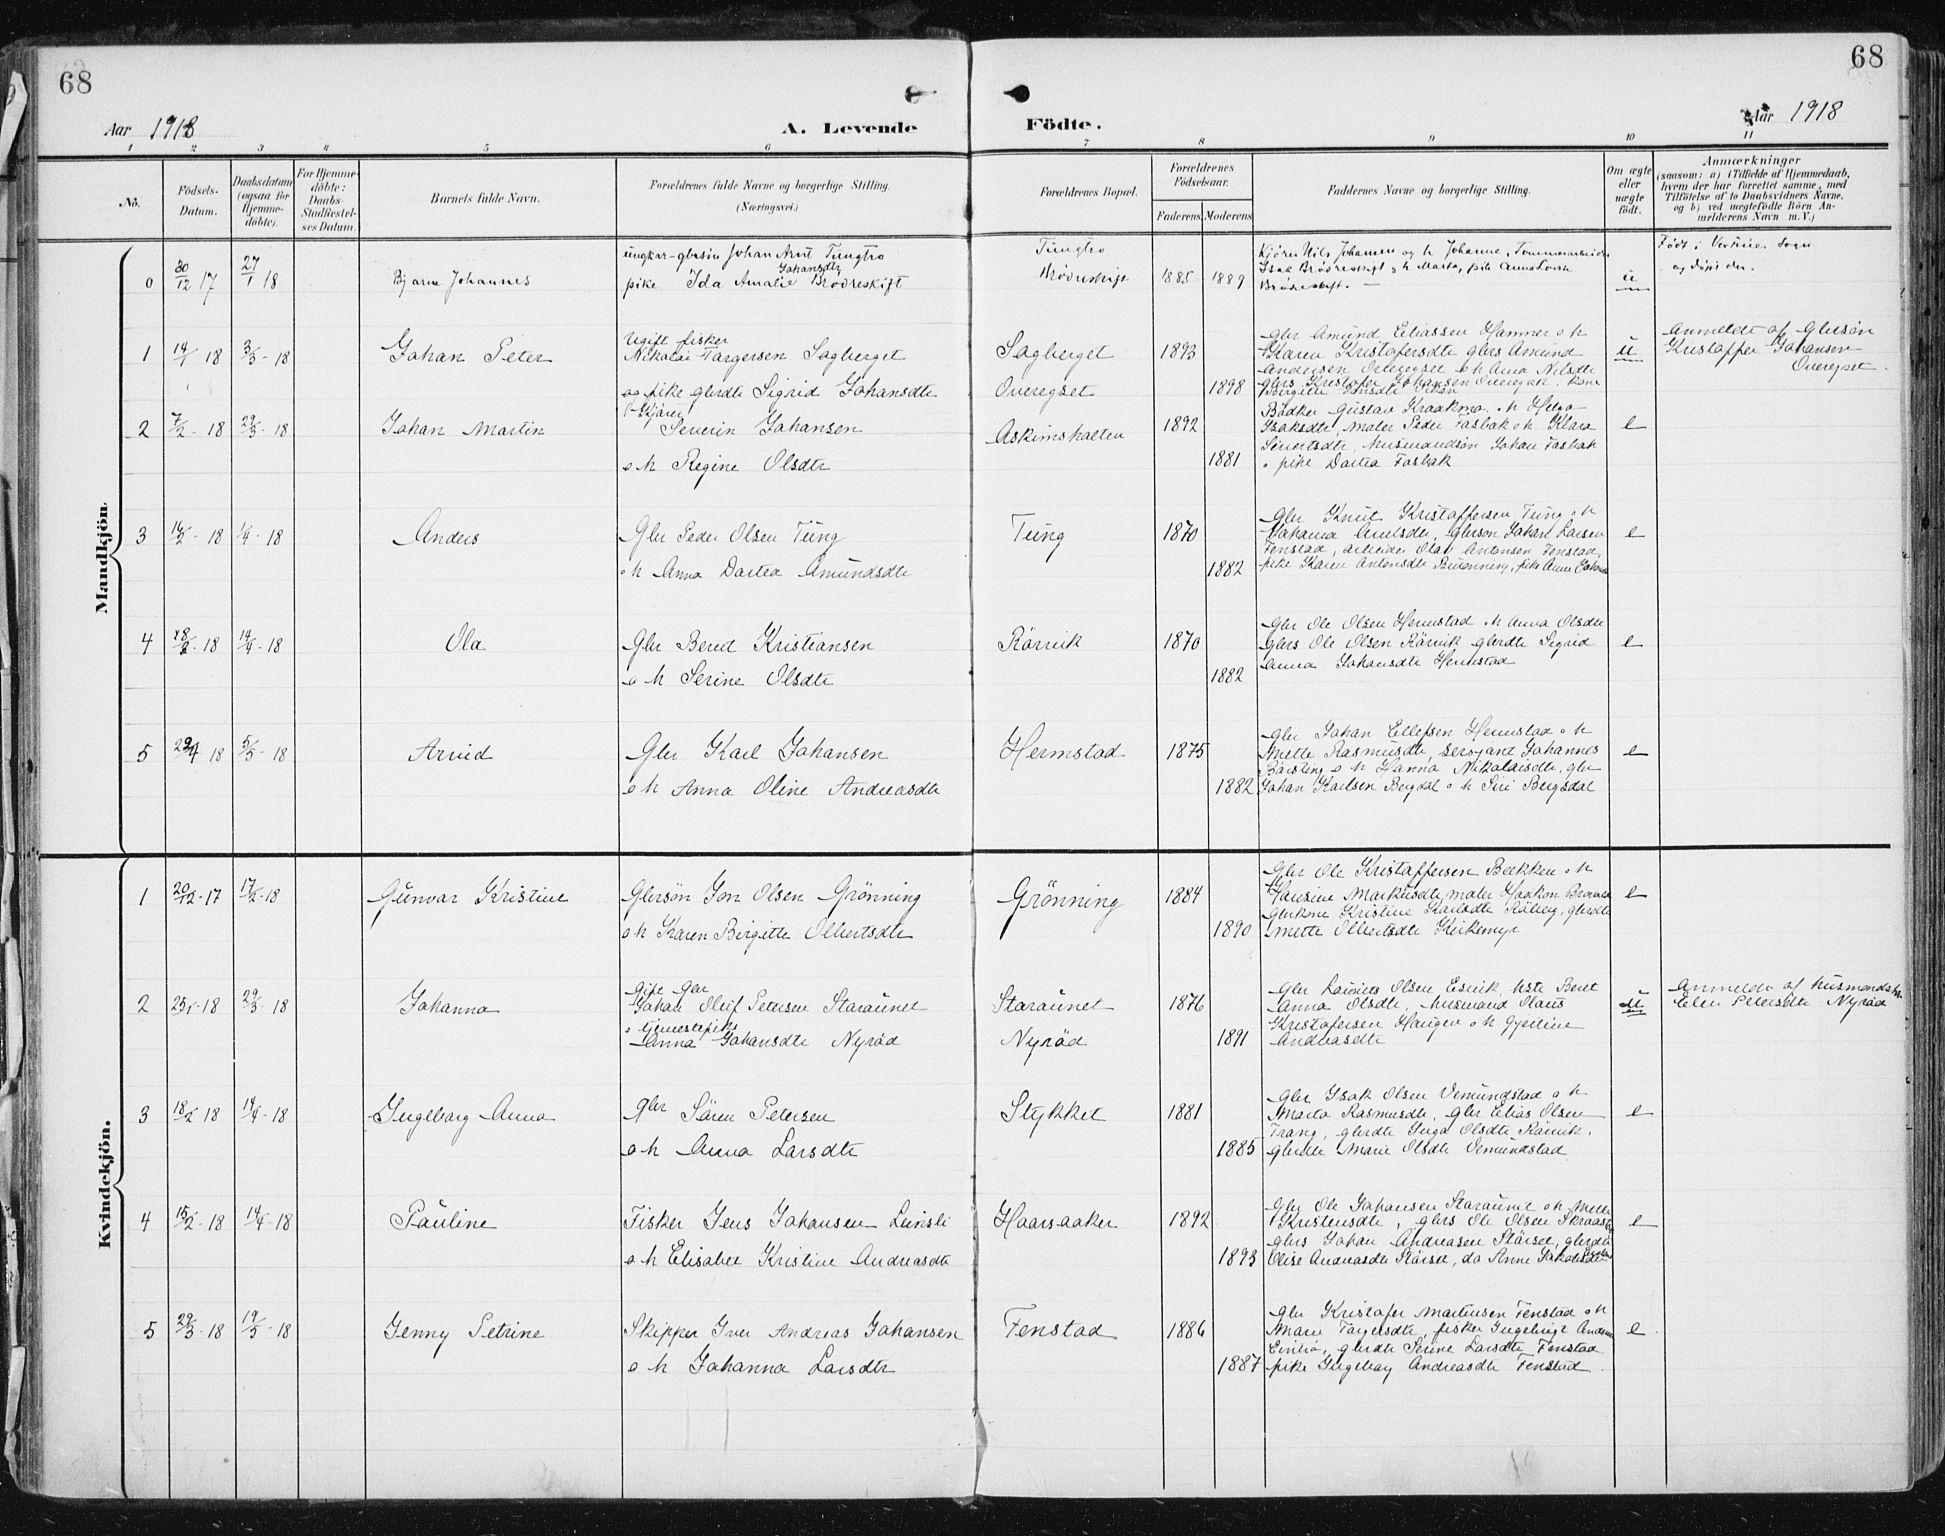 SAT, Ministerialprotokoller, klokkerbøker og fødselsregistre - Sør-Trøndelag, 646/L0616: Ministerialbok nr. 646A14, 1900-1918, s. 68